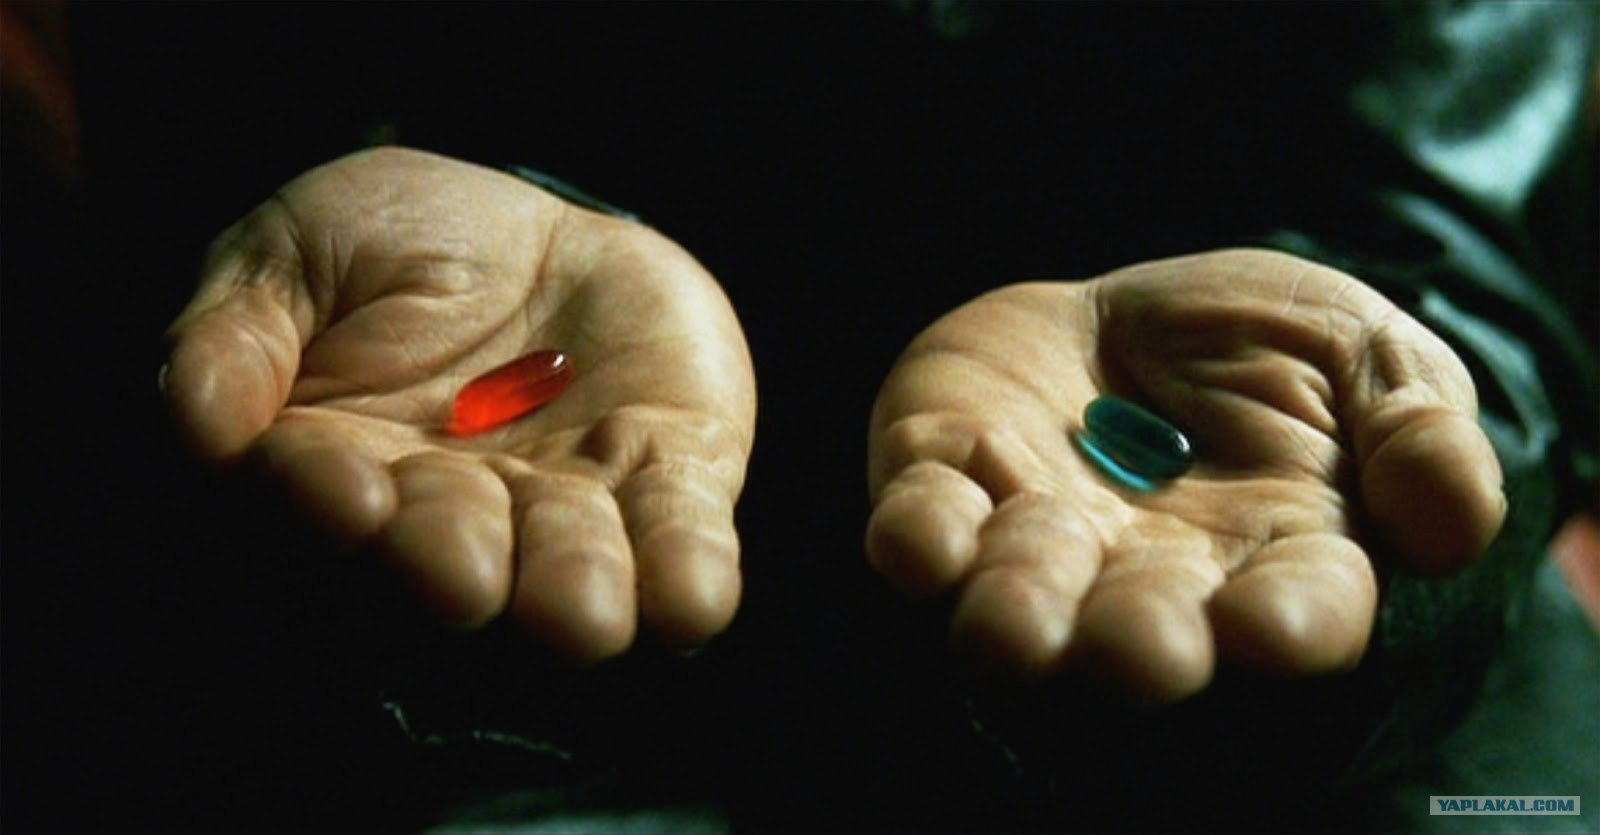 Ecco come Morpheus ha ingannato Neo, e come anche tu puoi usare lo stesso Modello di Vendita per far ingoiare la pillola giusta ai tuoi clienti.